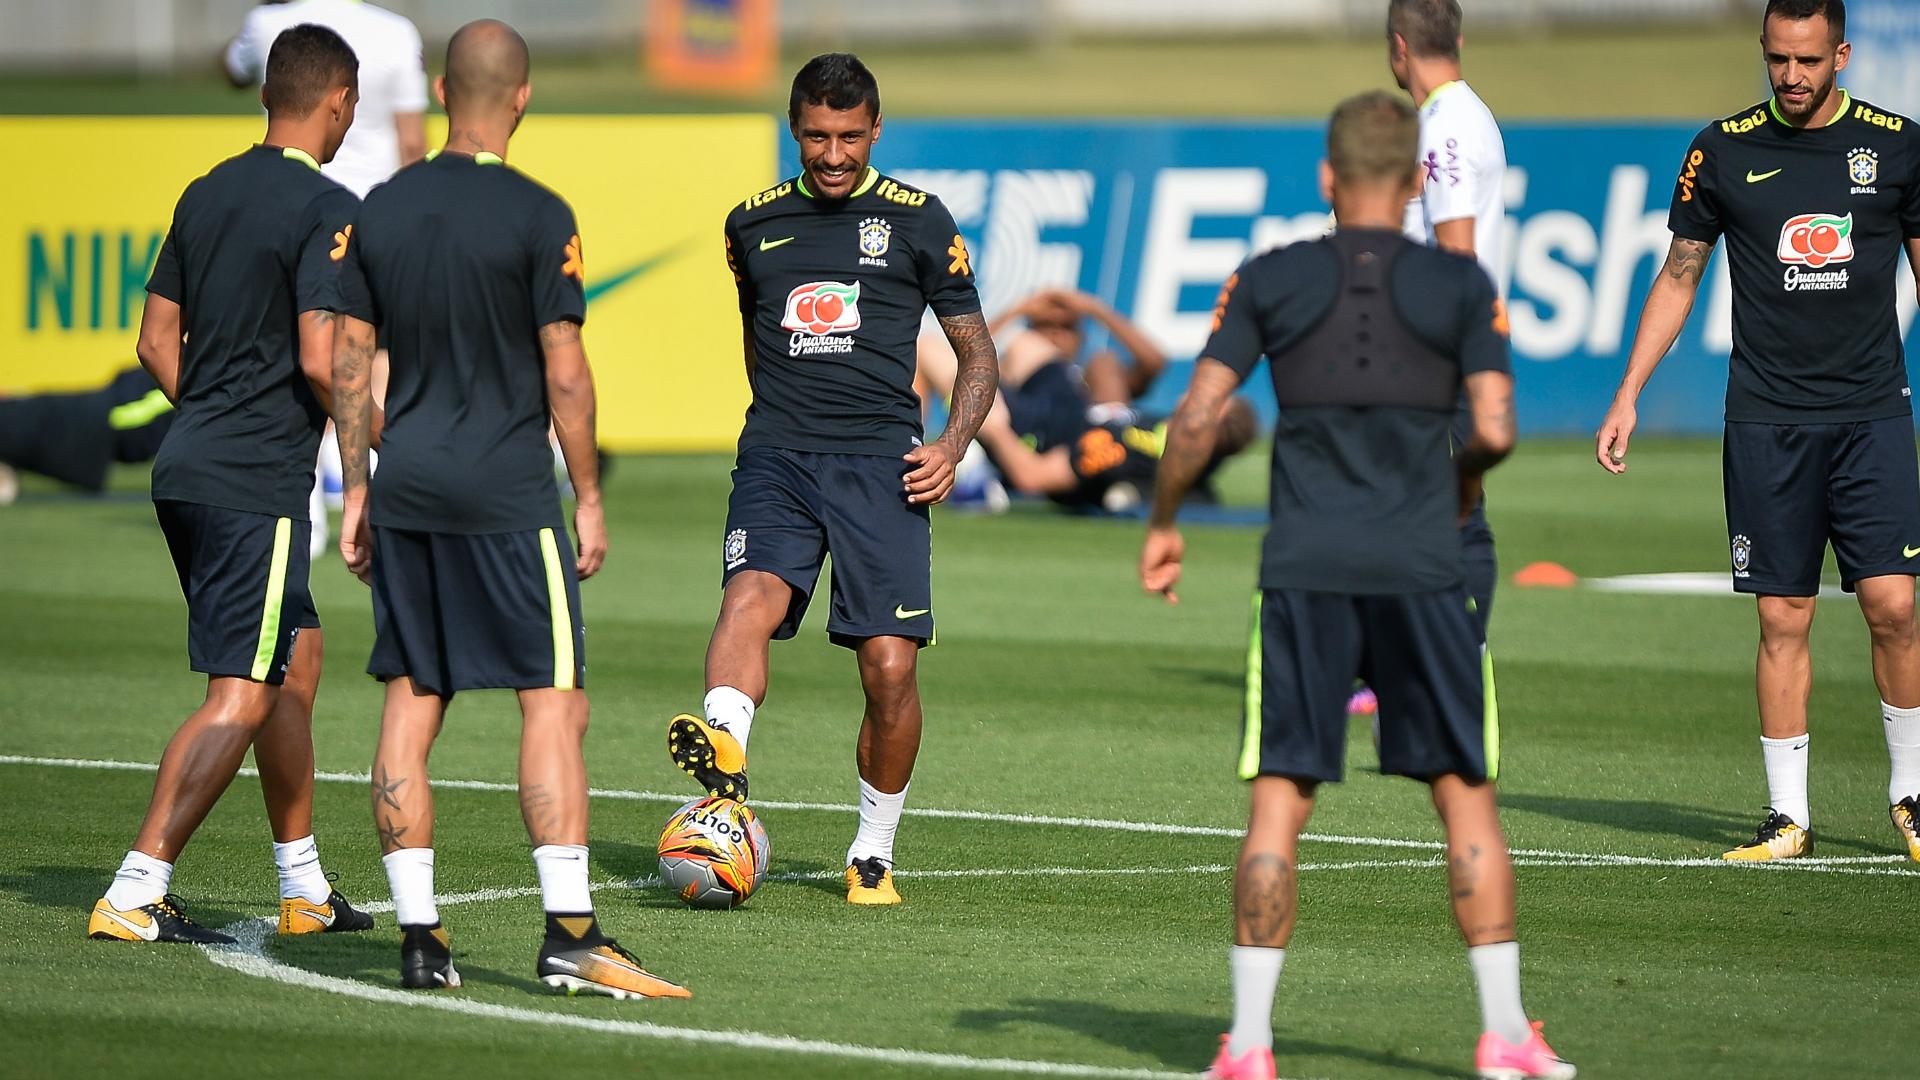 Seleção não deve ter surpresas contra a Bolívia